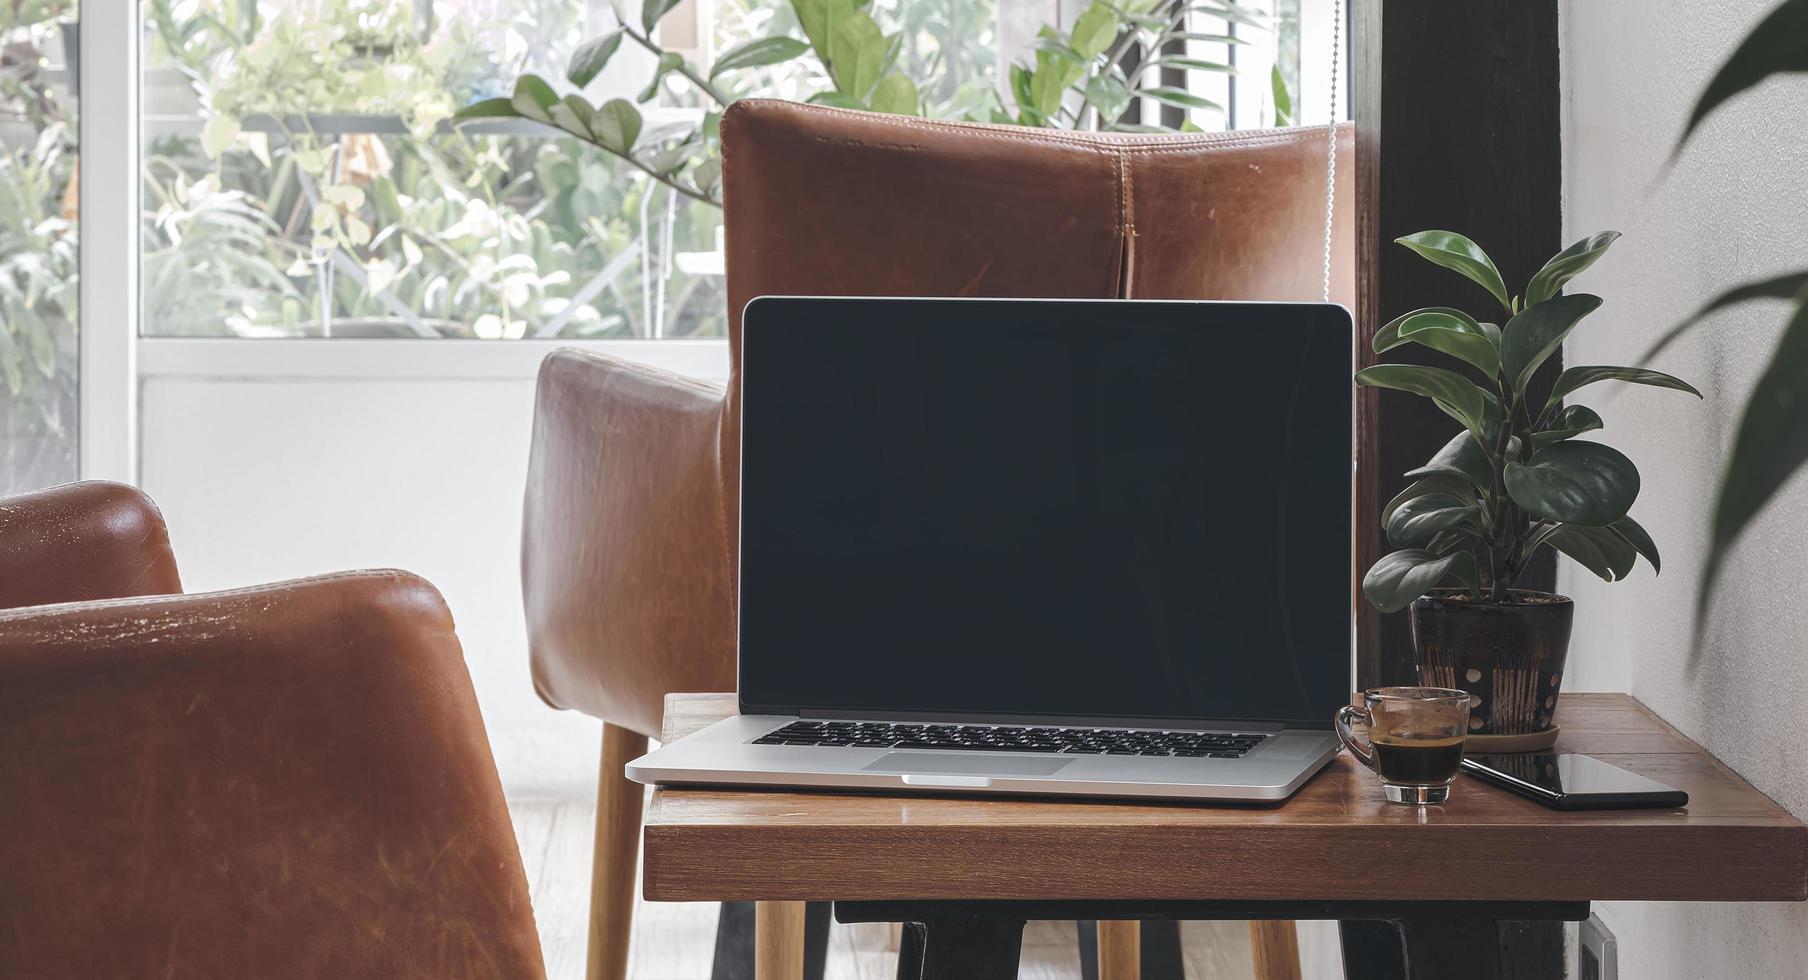 computer portatile con caffè espresso e telefono in salotto foto